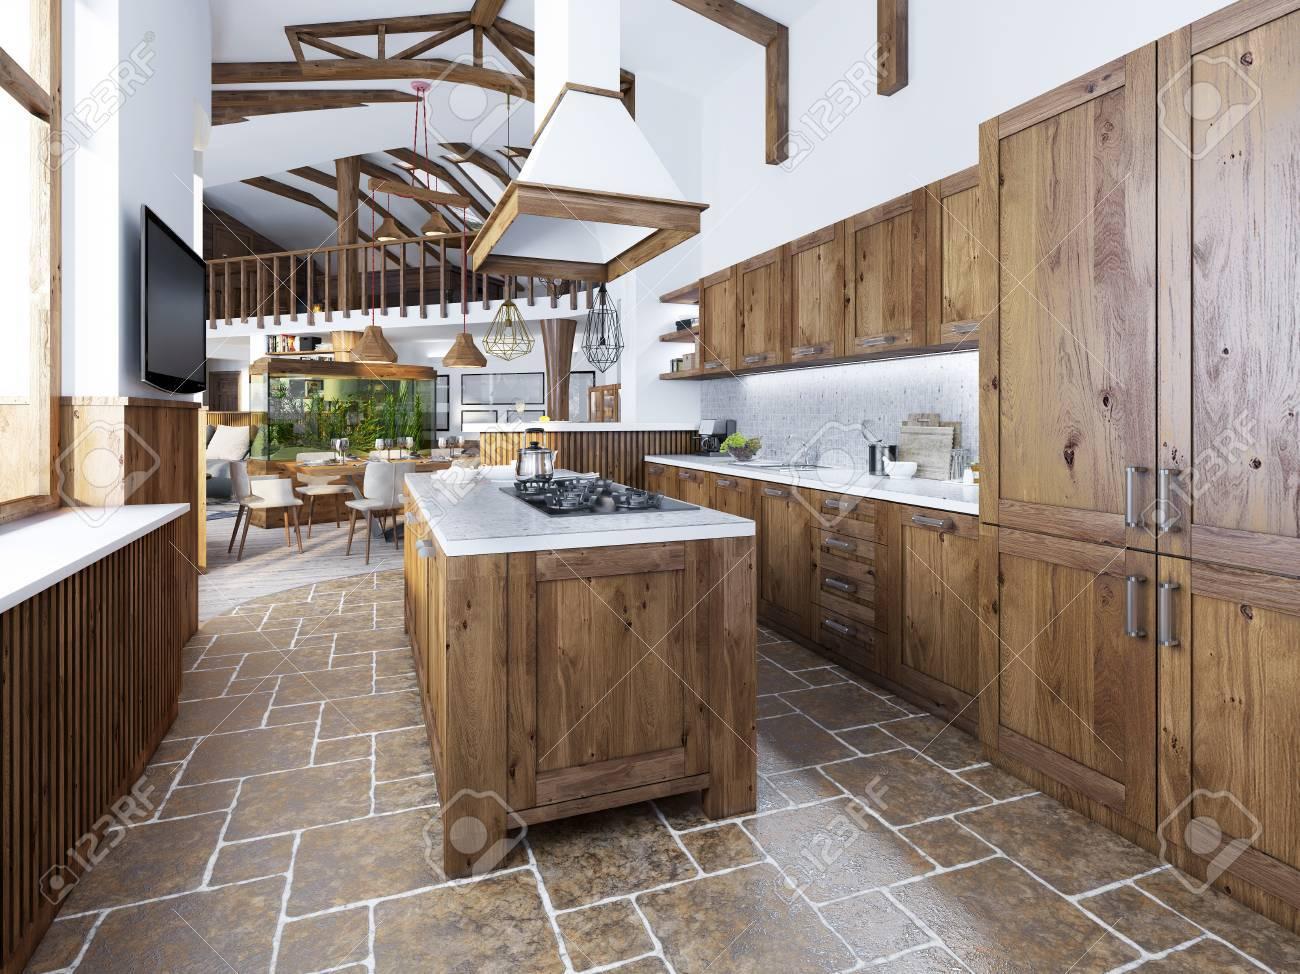 La Grande Cuisine Dans Le Style Loft Avec Une Ile Au Milieu Meubles En Bois Avec Plan De Travail Et Blanc Mosaique Avec Des Appareils Integres